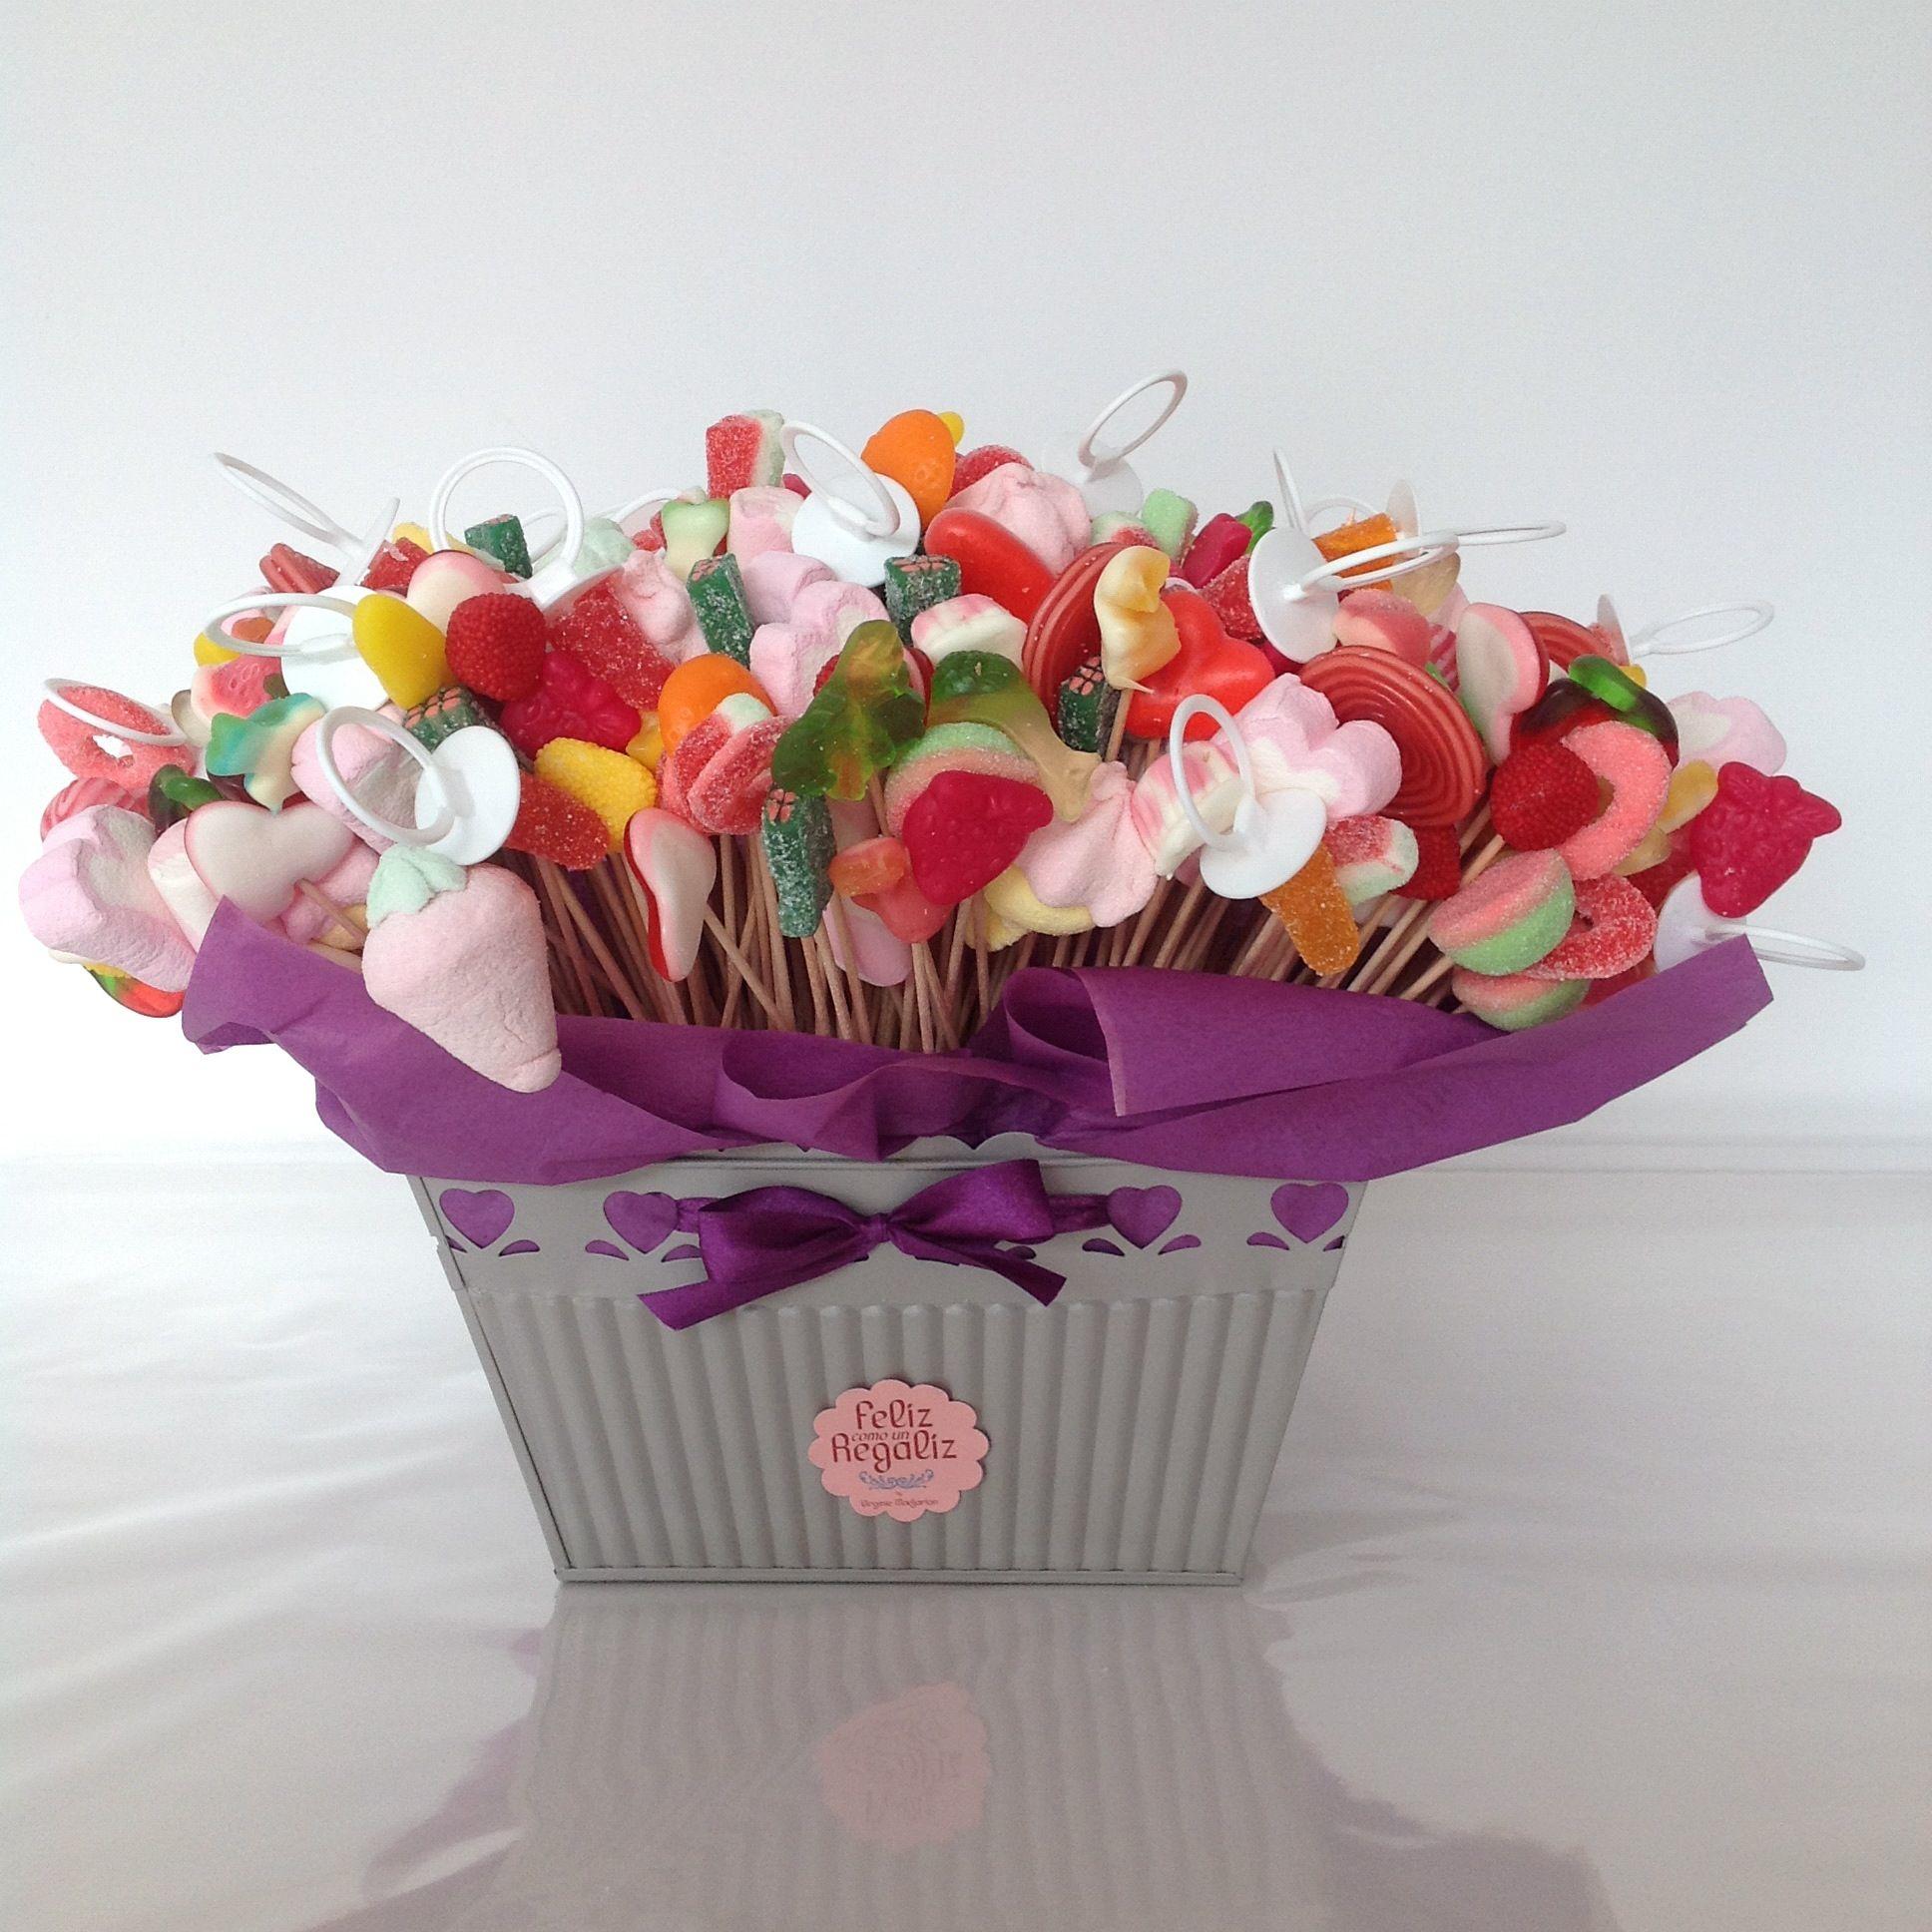 centros de caramelos y golosinas para mesas dulces Bautizo y Comunion